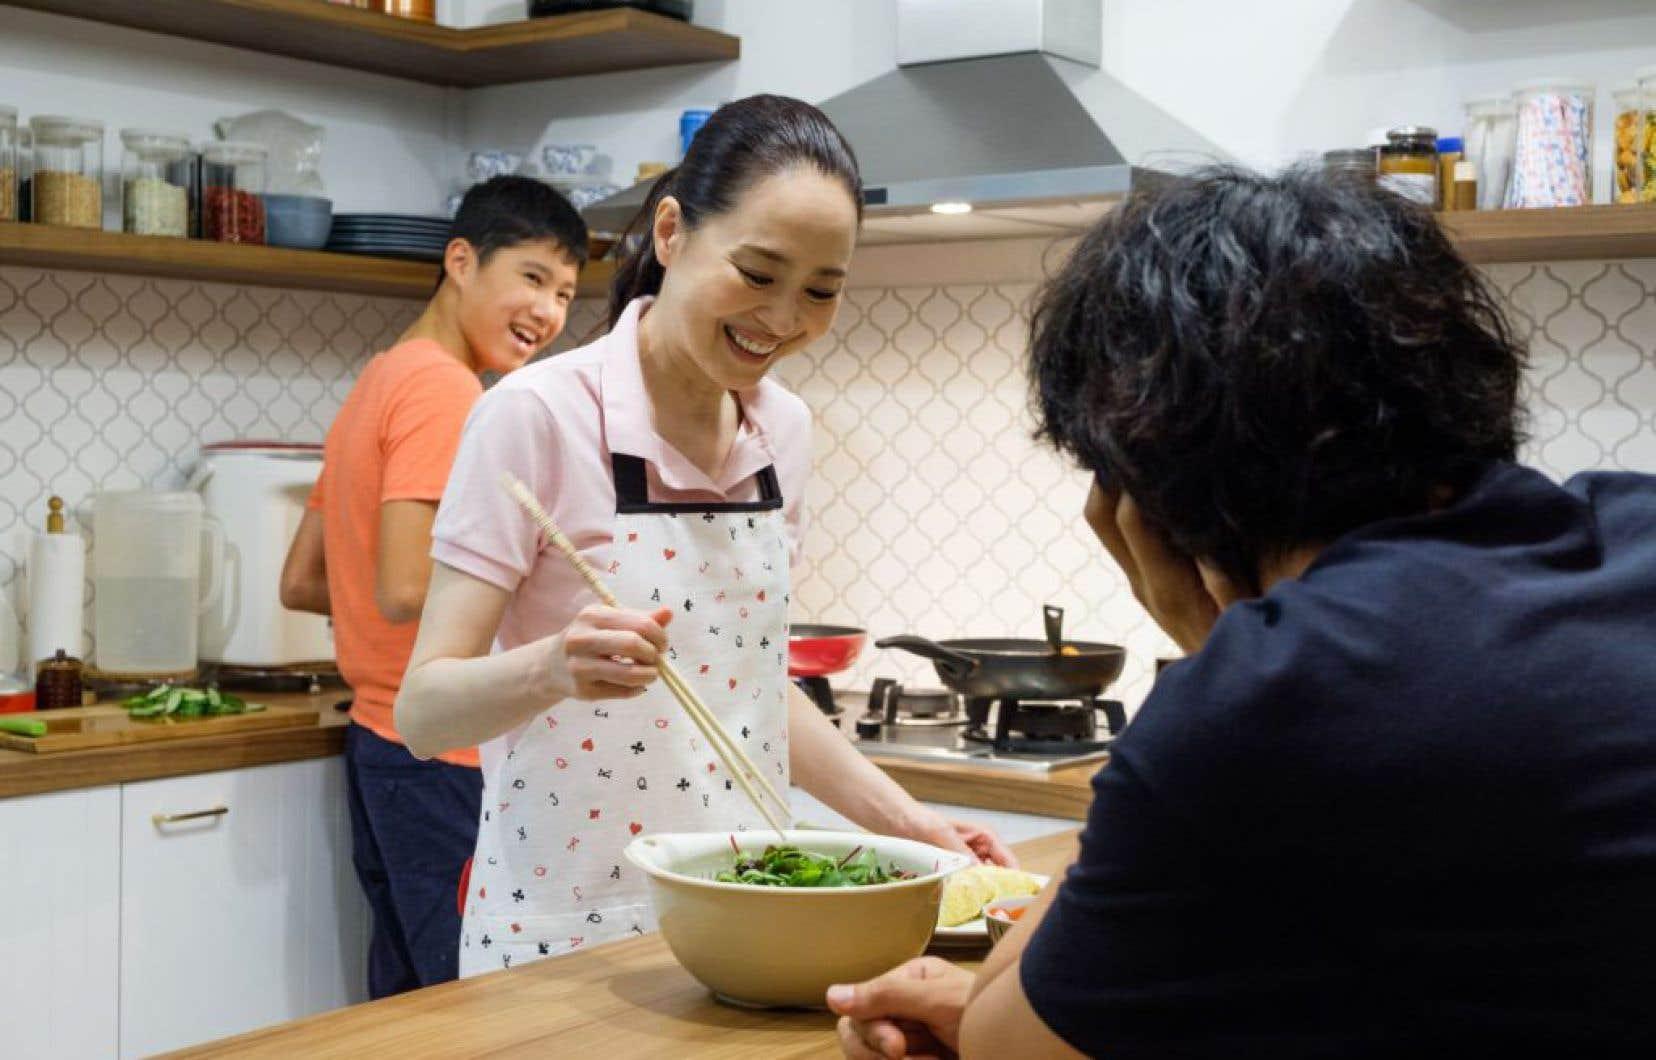 Eric Khoo déploie un arsenal de séduction connu et convenu pour faire saliver le spectateur, optant d'emblée pour les cadrages savamment serrés et bien éclairés mettant en relief les aliments.